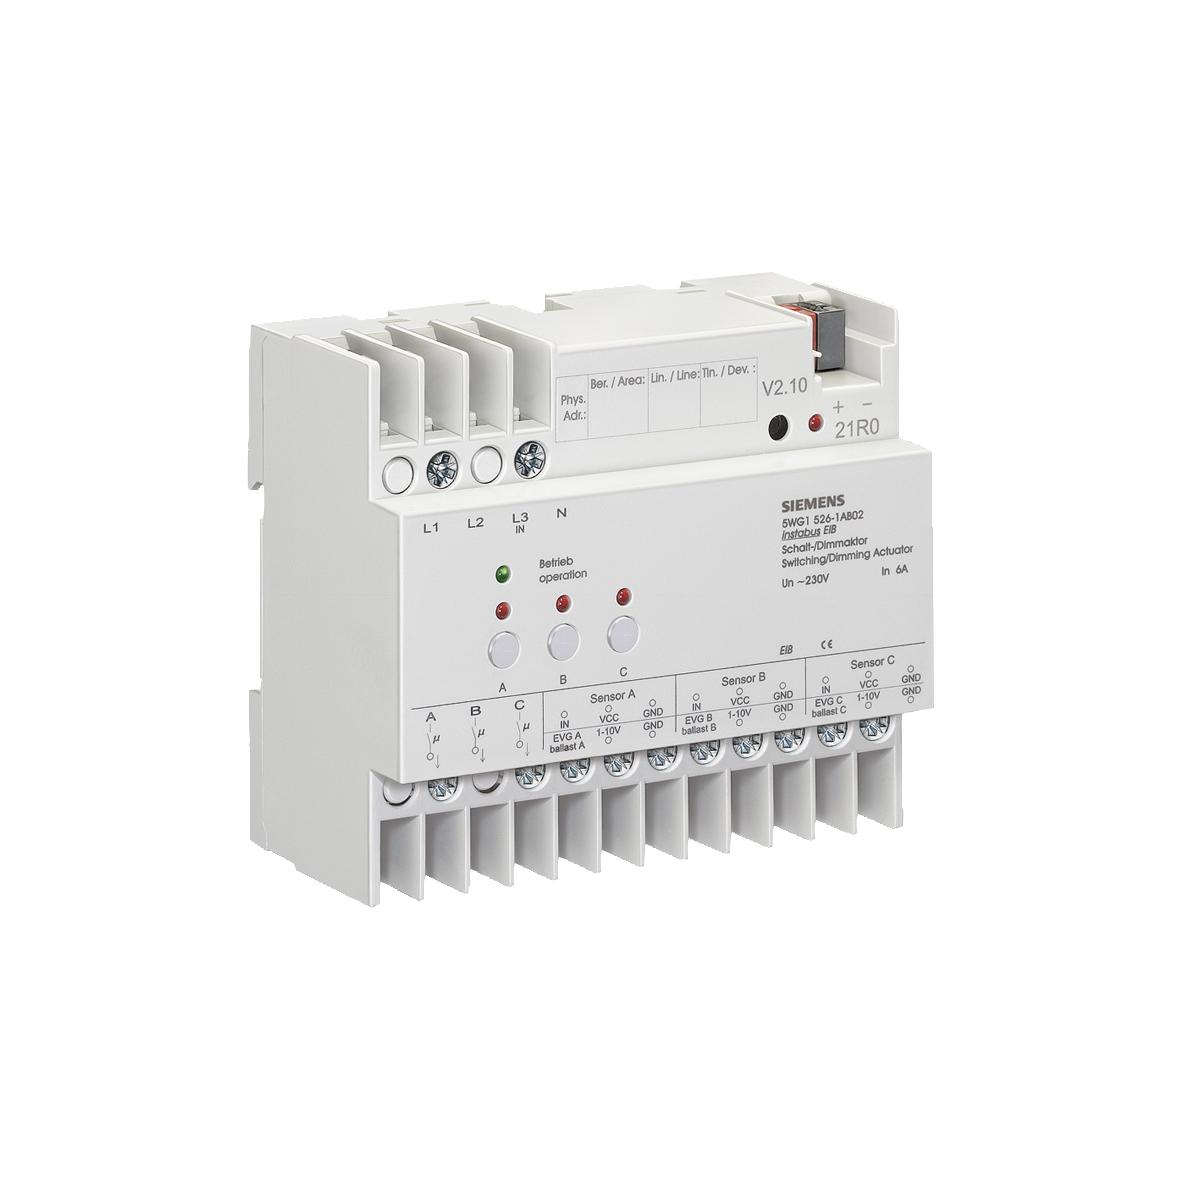 1 Stk Schalt-/Dimmaktor 3-fach, 230 V, 6 A KX5261AB02